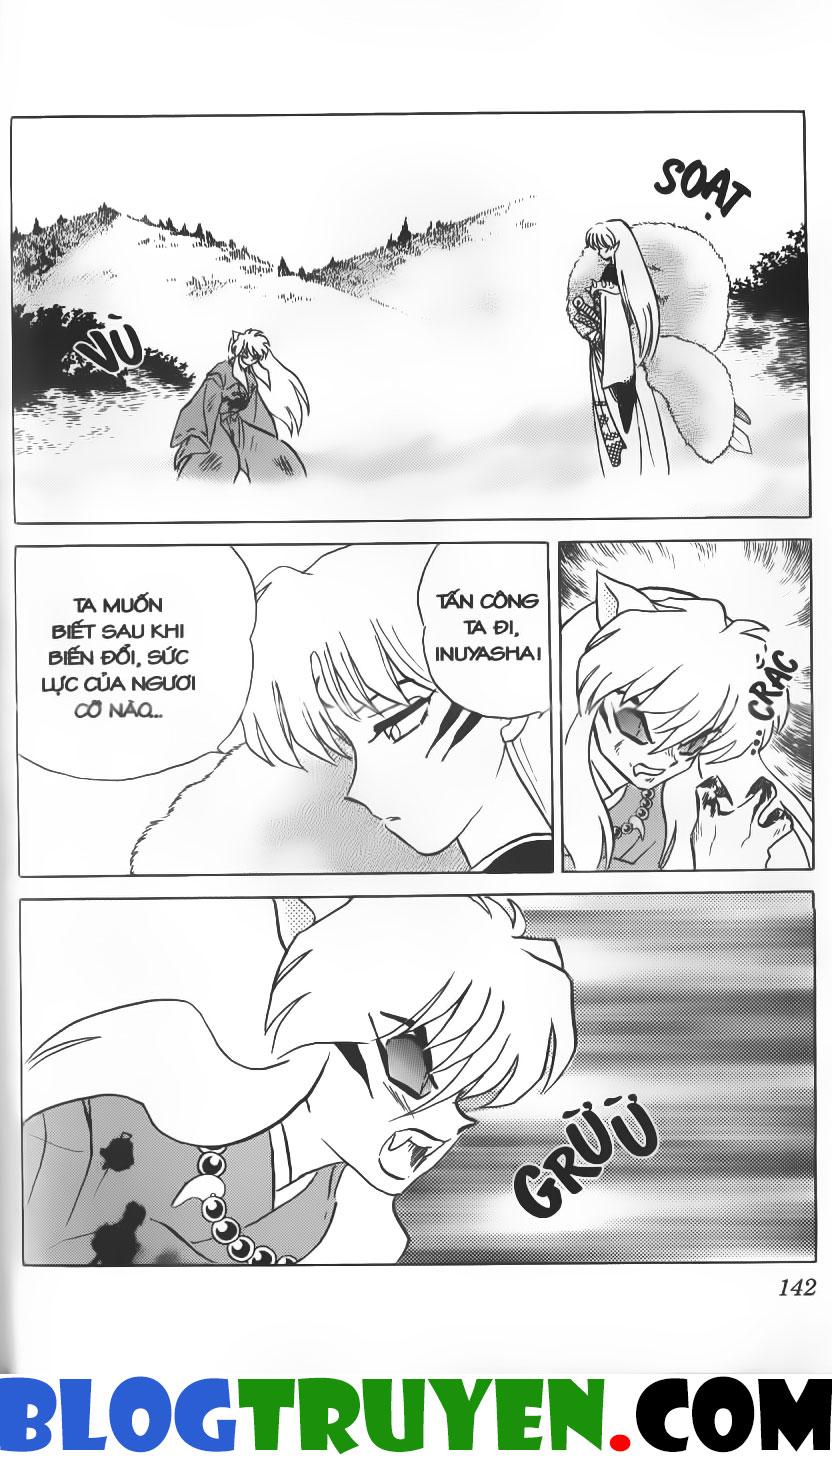 Inuyasha vol 19.8 trang 13